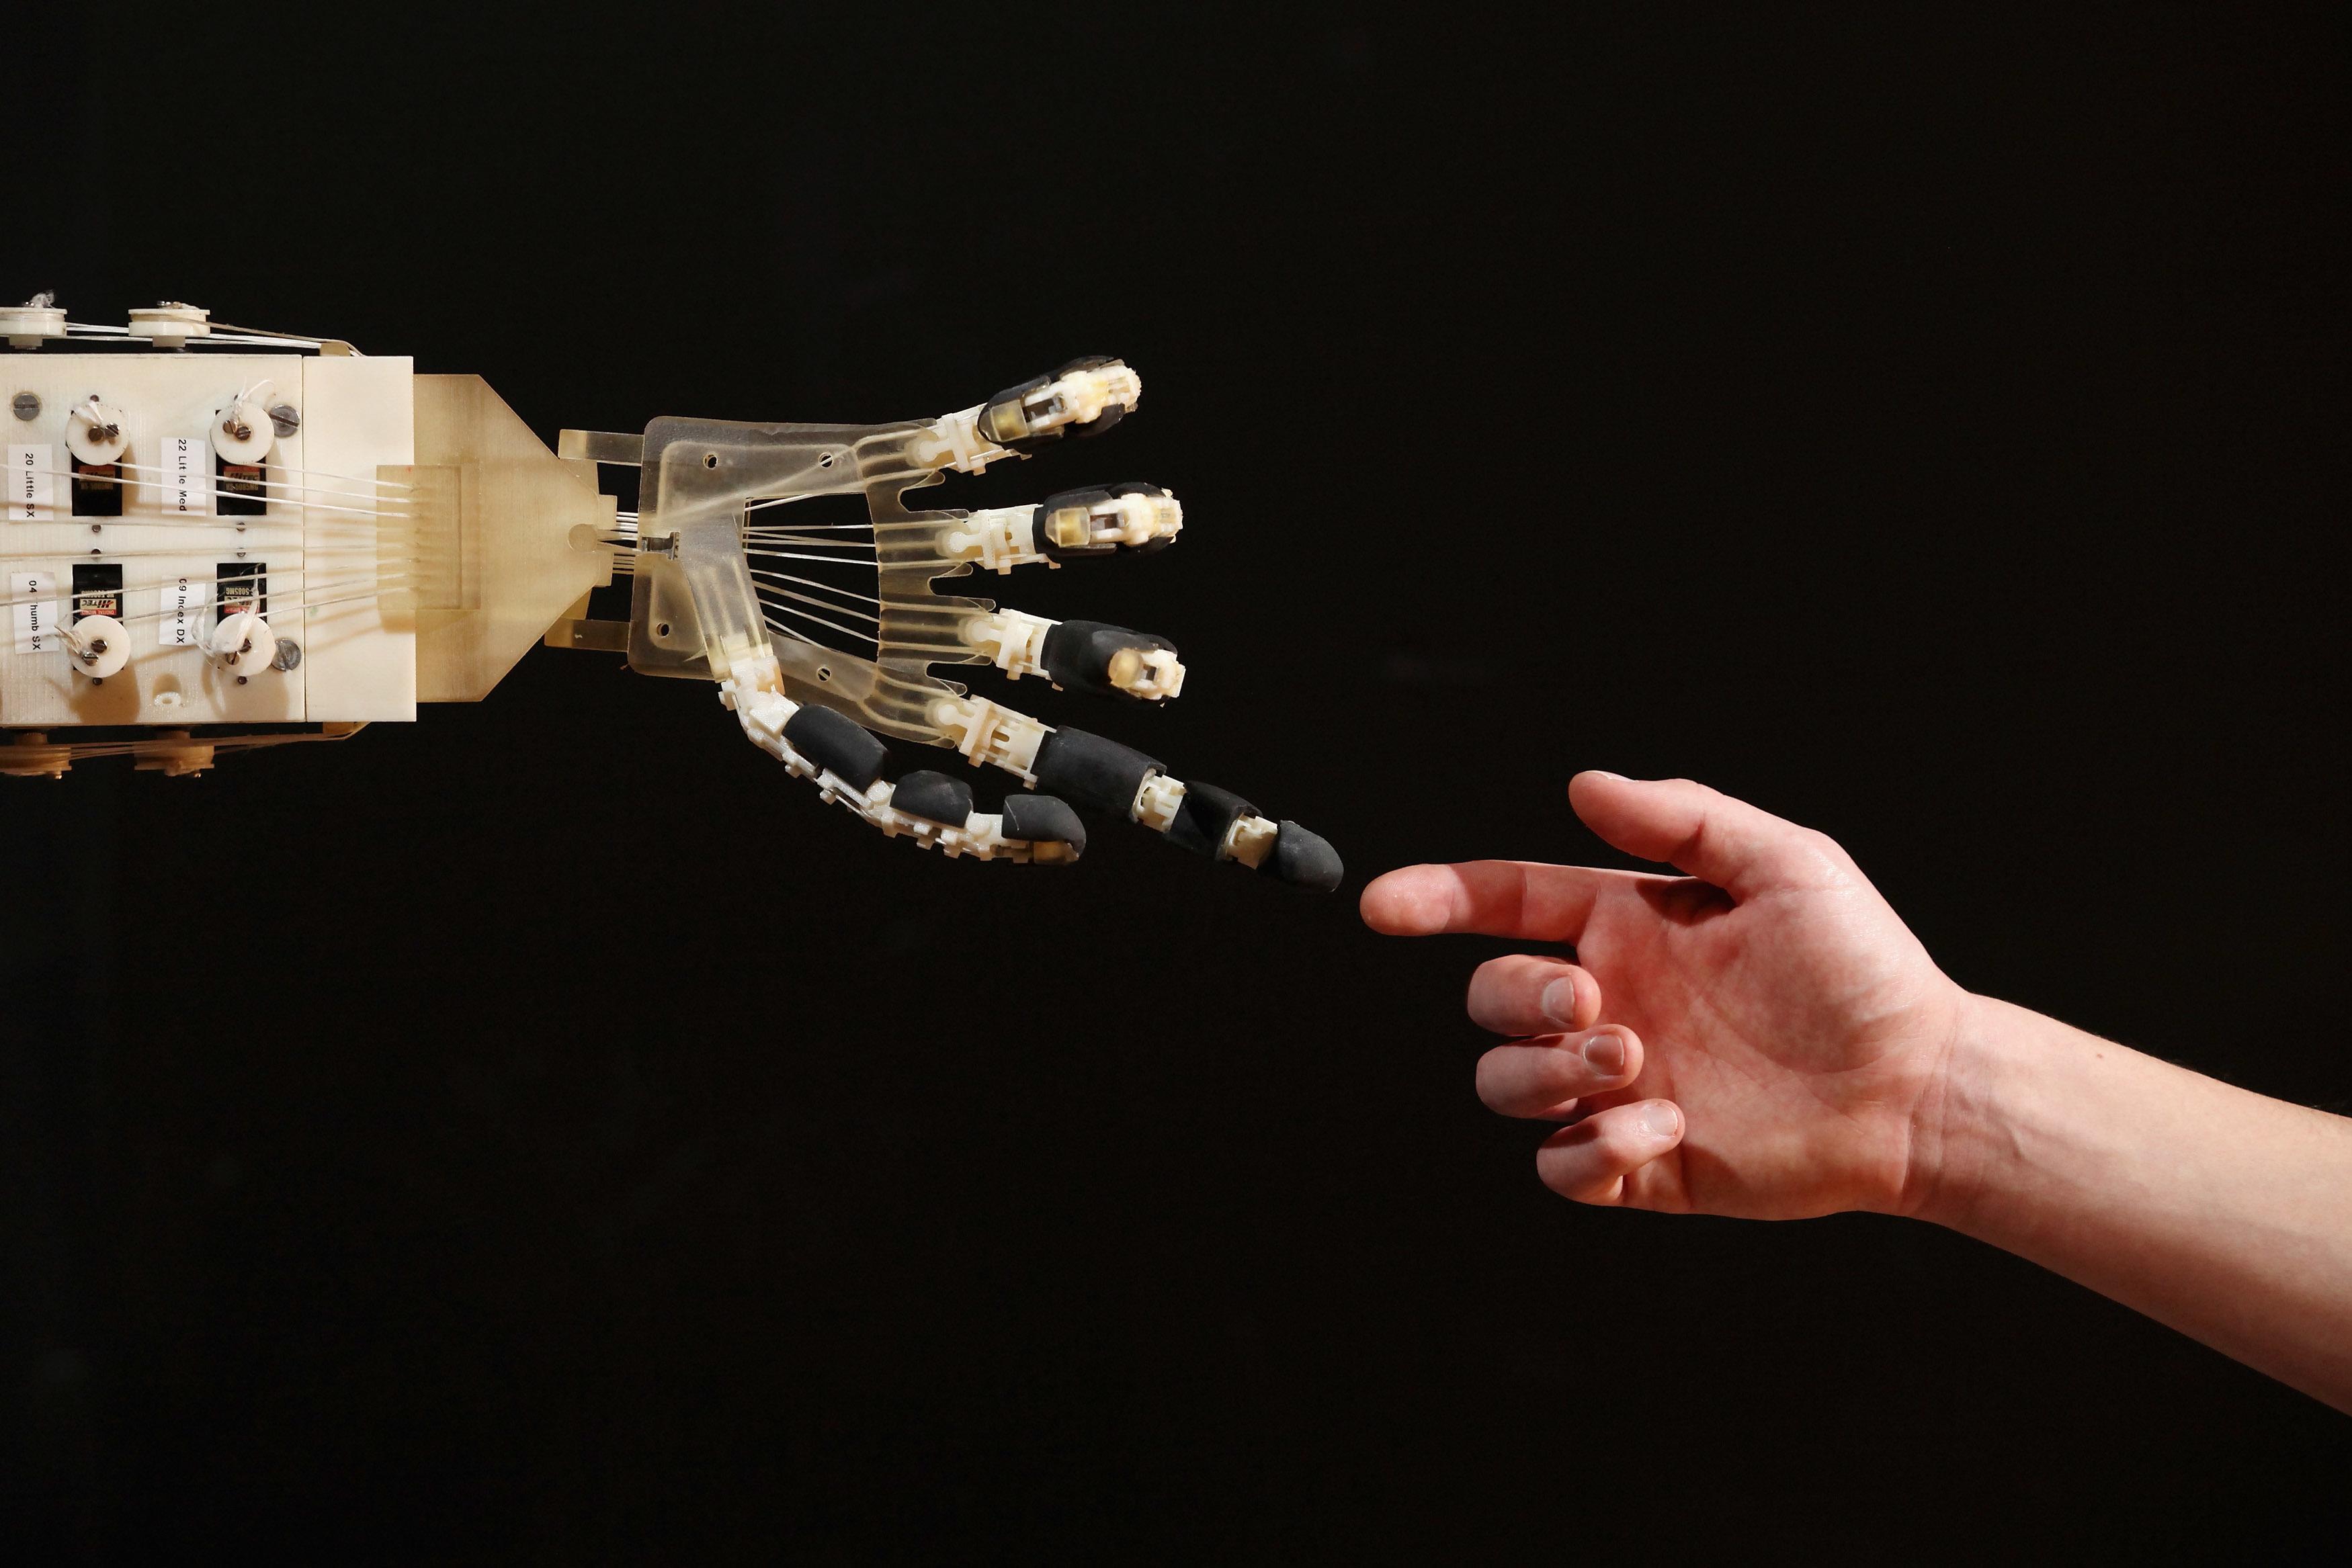 Risultati immagini per robot and man friendship